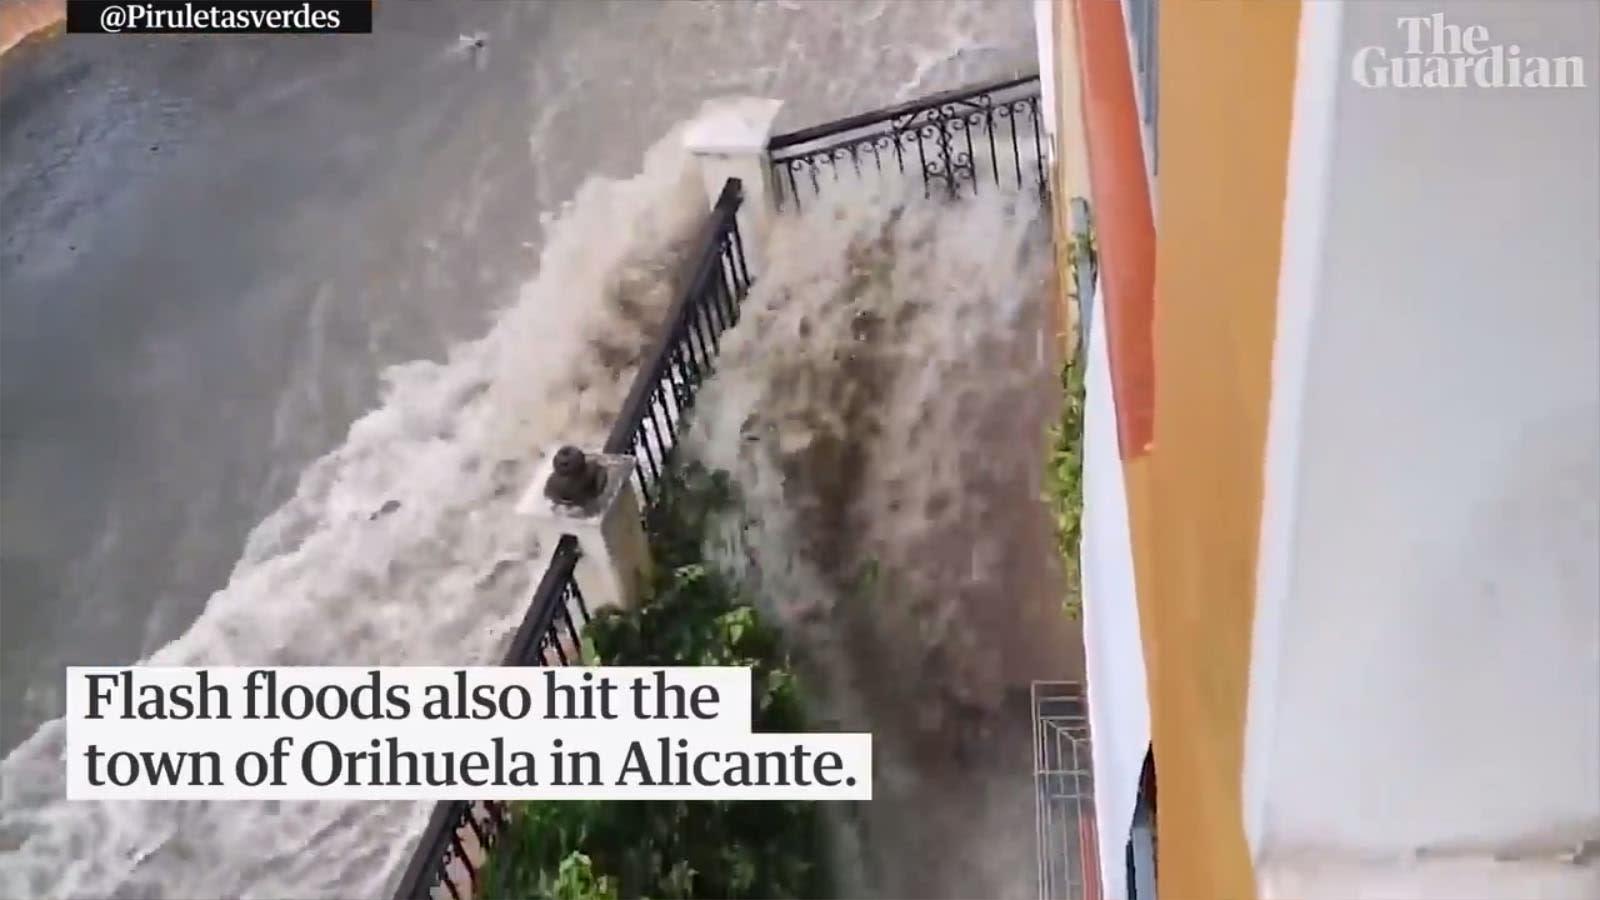 Hatalmas károk a Spanyol esőzésekben